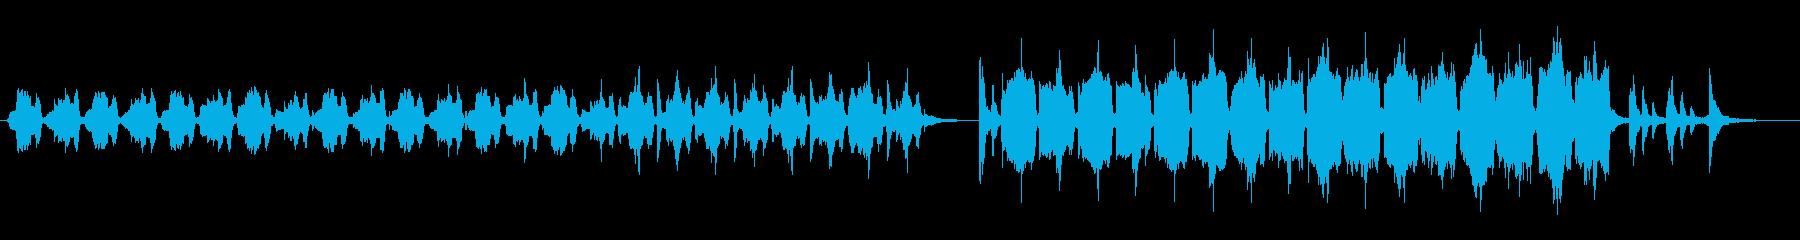 不思議で奇妙な迷子のBGMの再生済みの波形